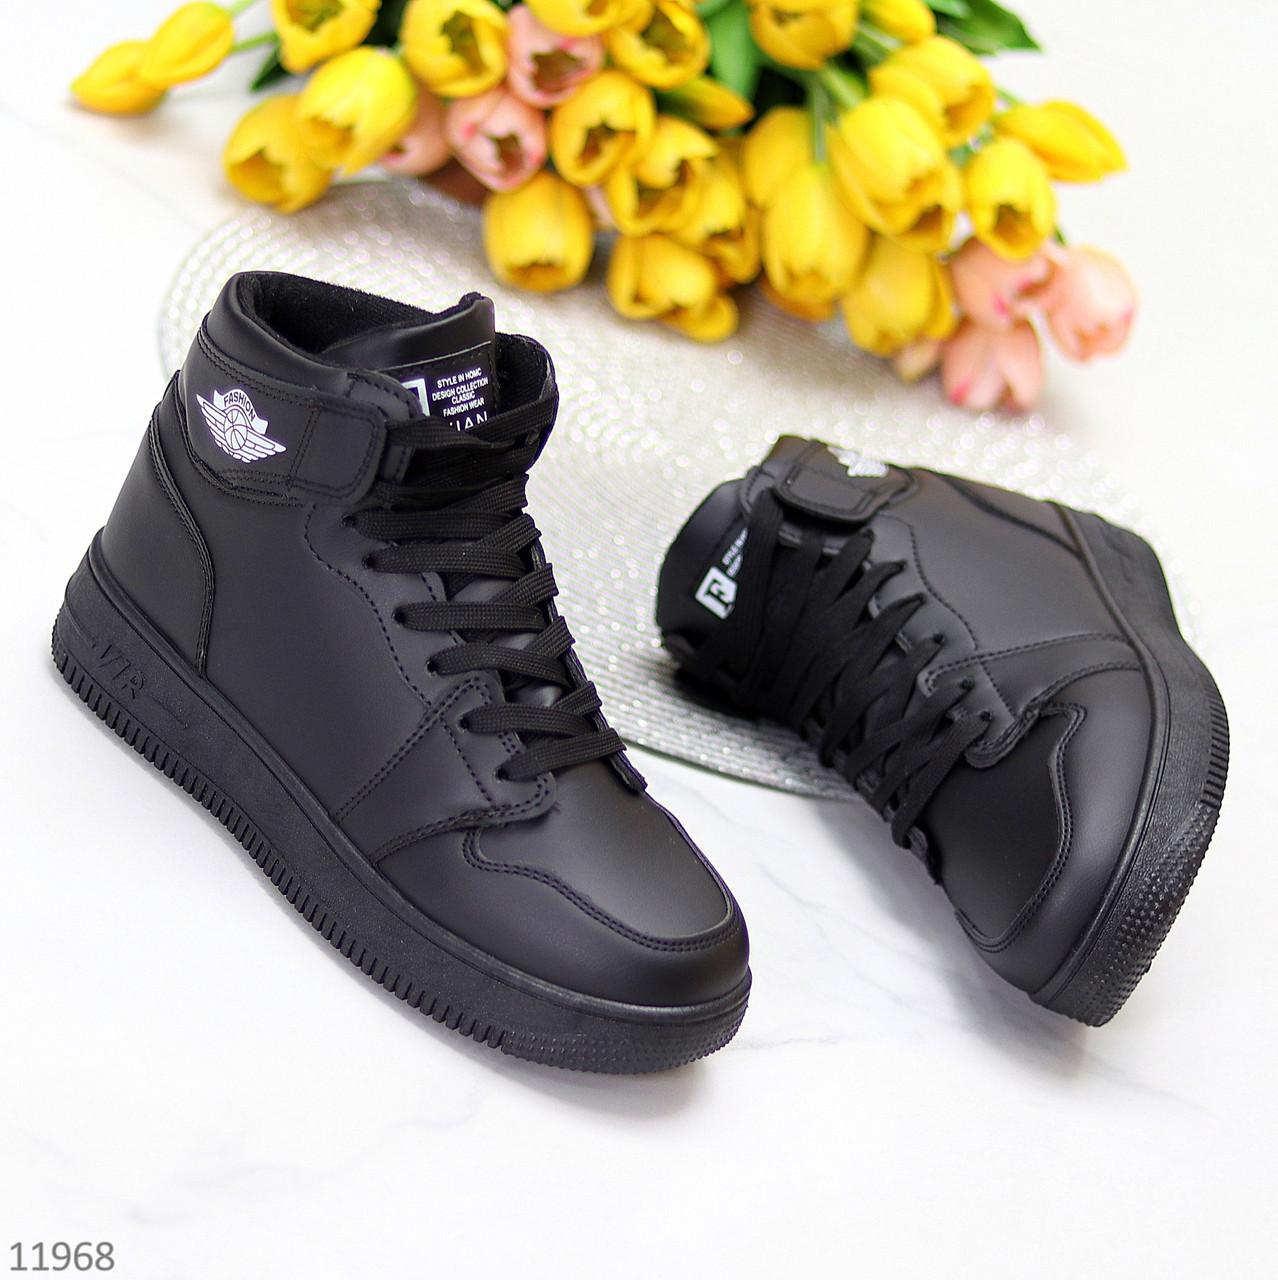 Повседневные черные спортивные женские ботинки кроссовки в ассортименте